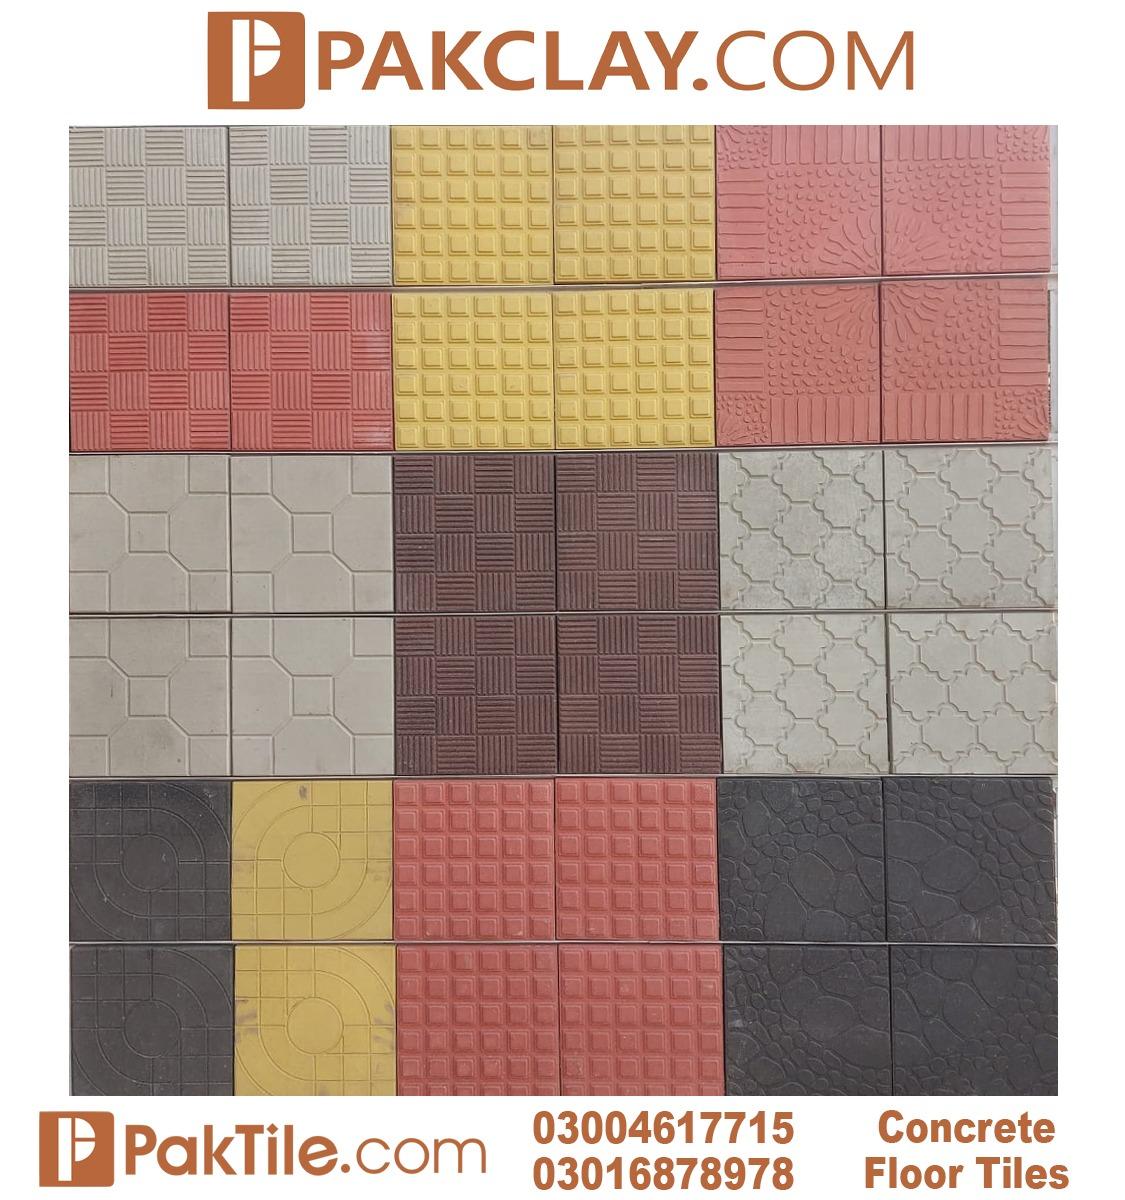 5 Pak Clay Tiles Lahore Concrete Floor Tiles Design